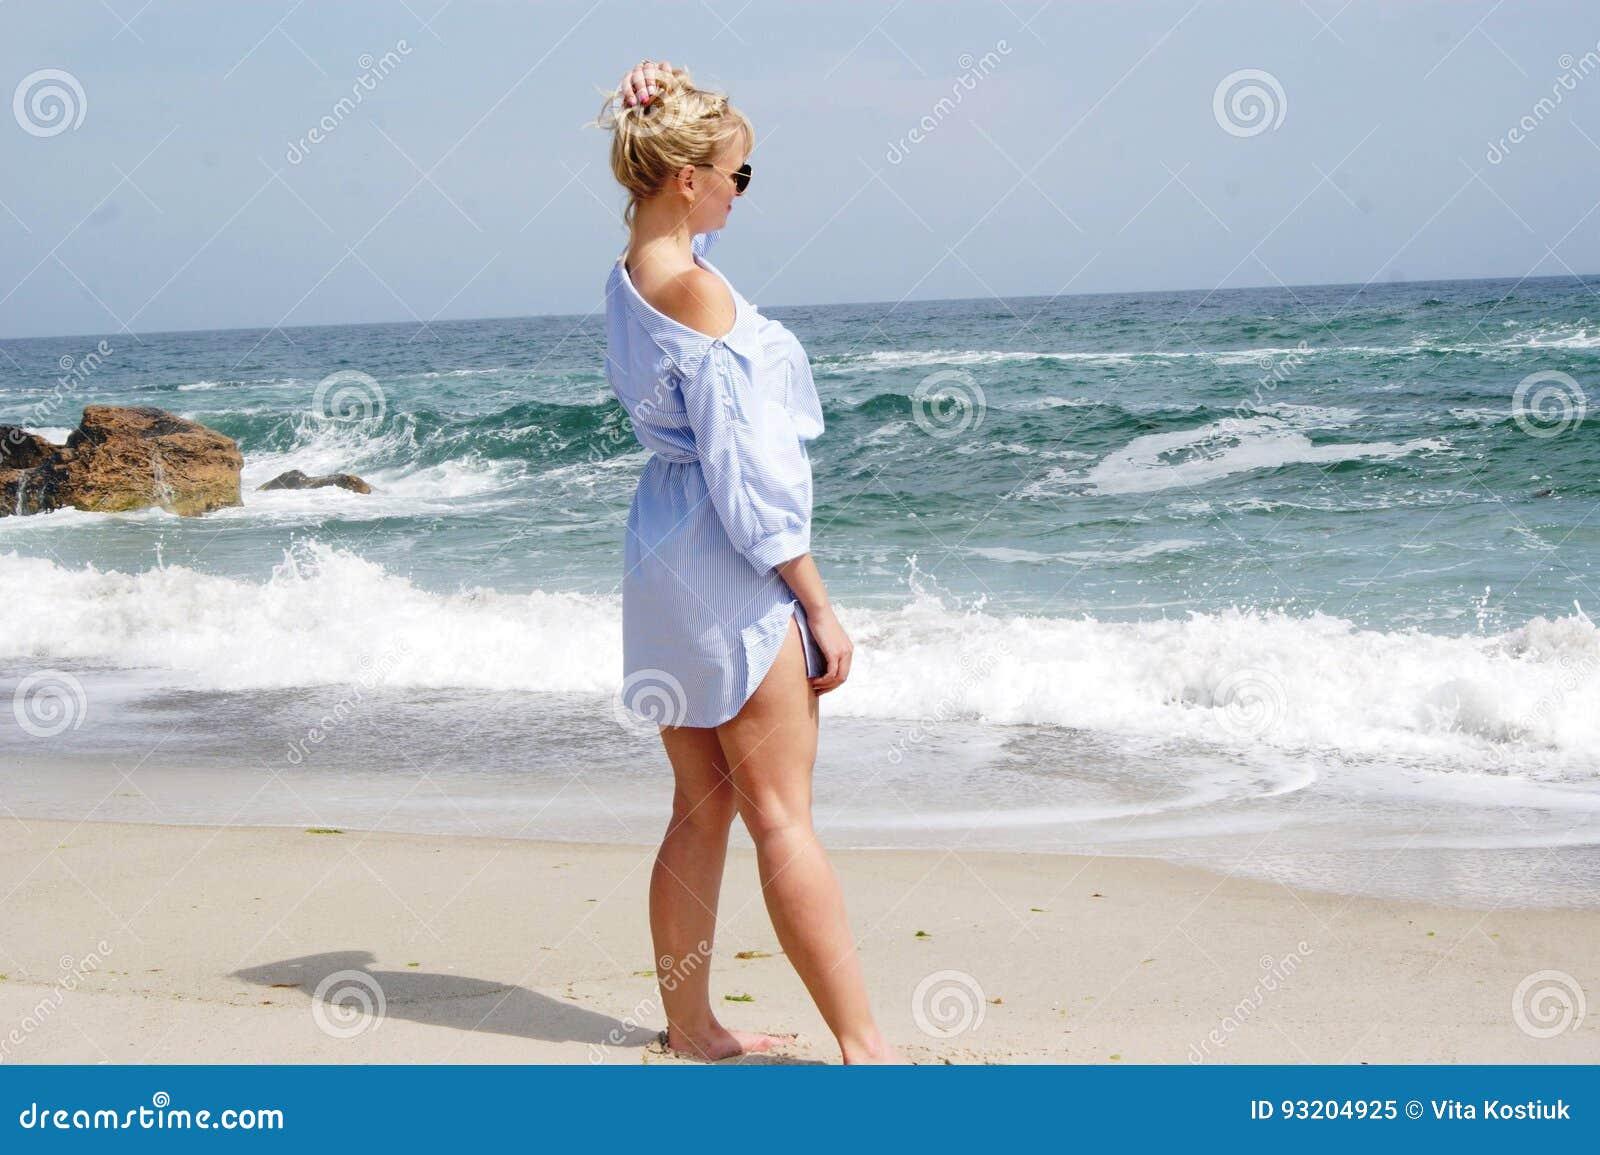 Порно онлайн фото блондинок на пляже киску домашнее смотреть